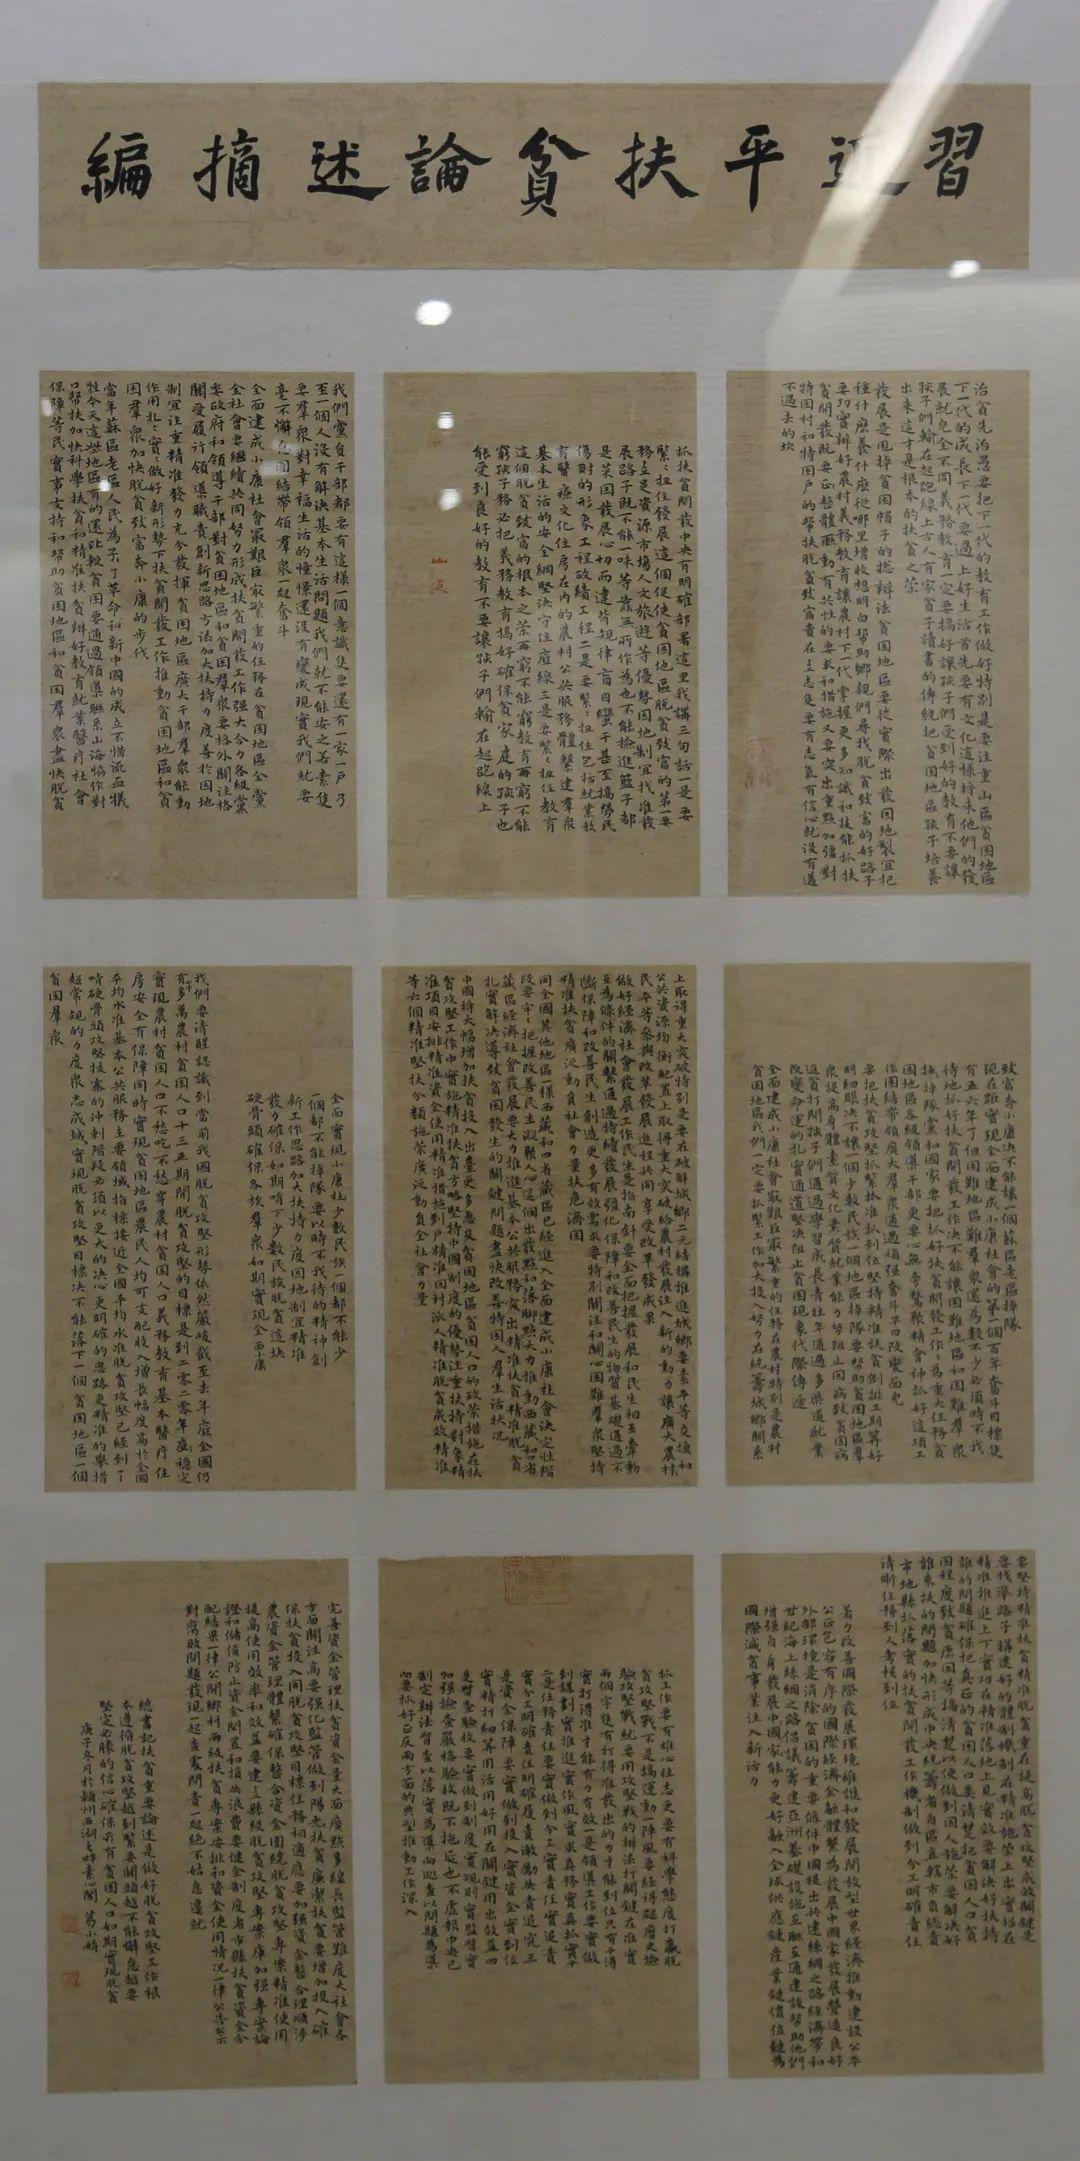 传承红色文化 携手共迎小康 苏皖两省六市书画展在蚌埠开幕(图38)